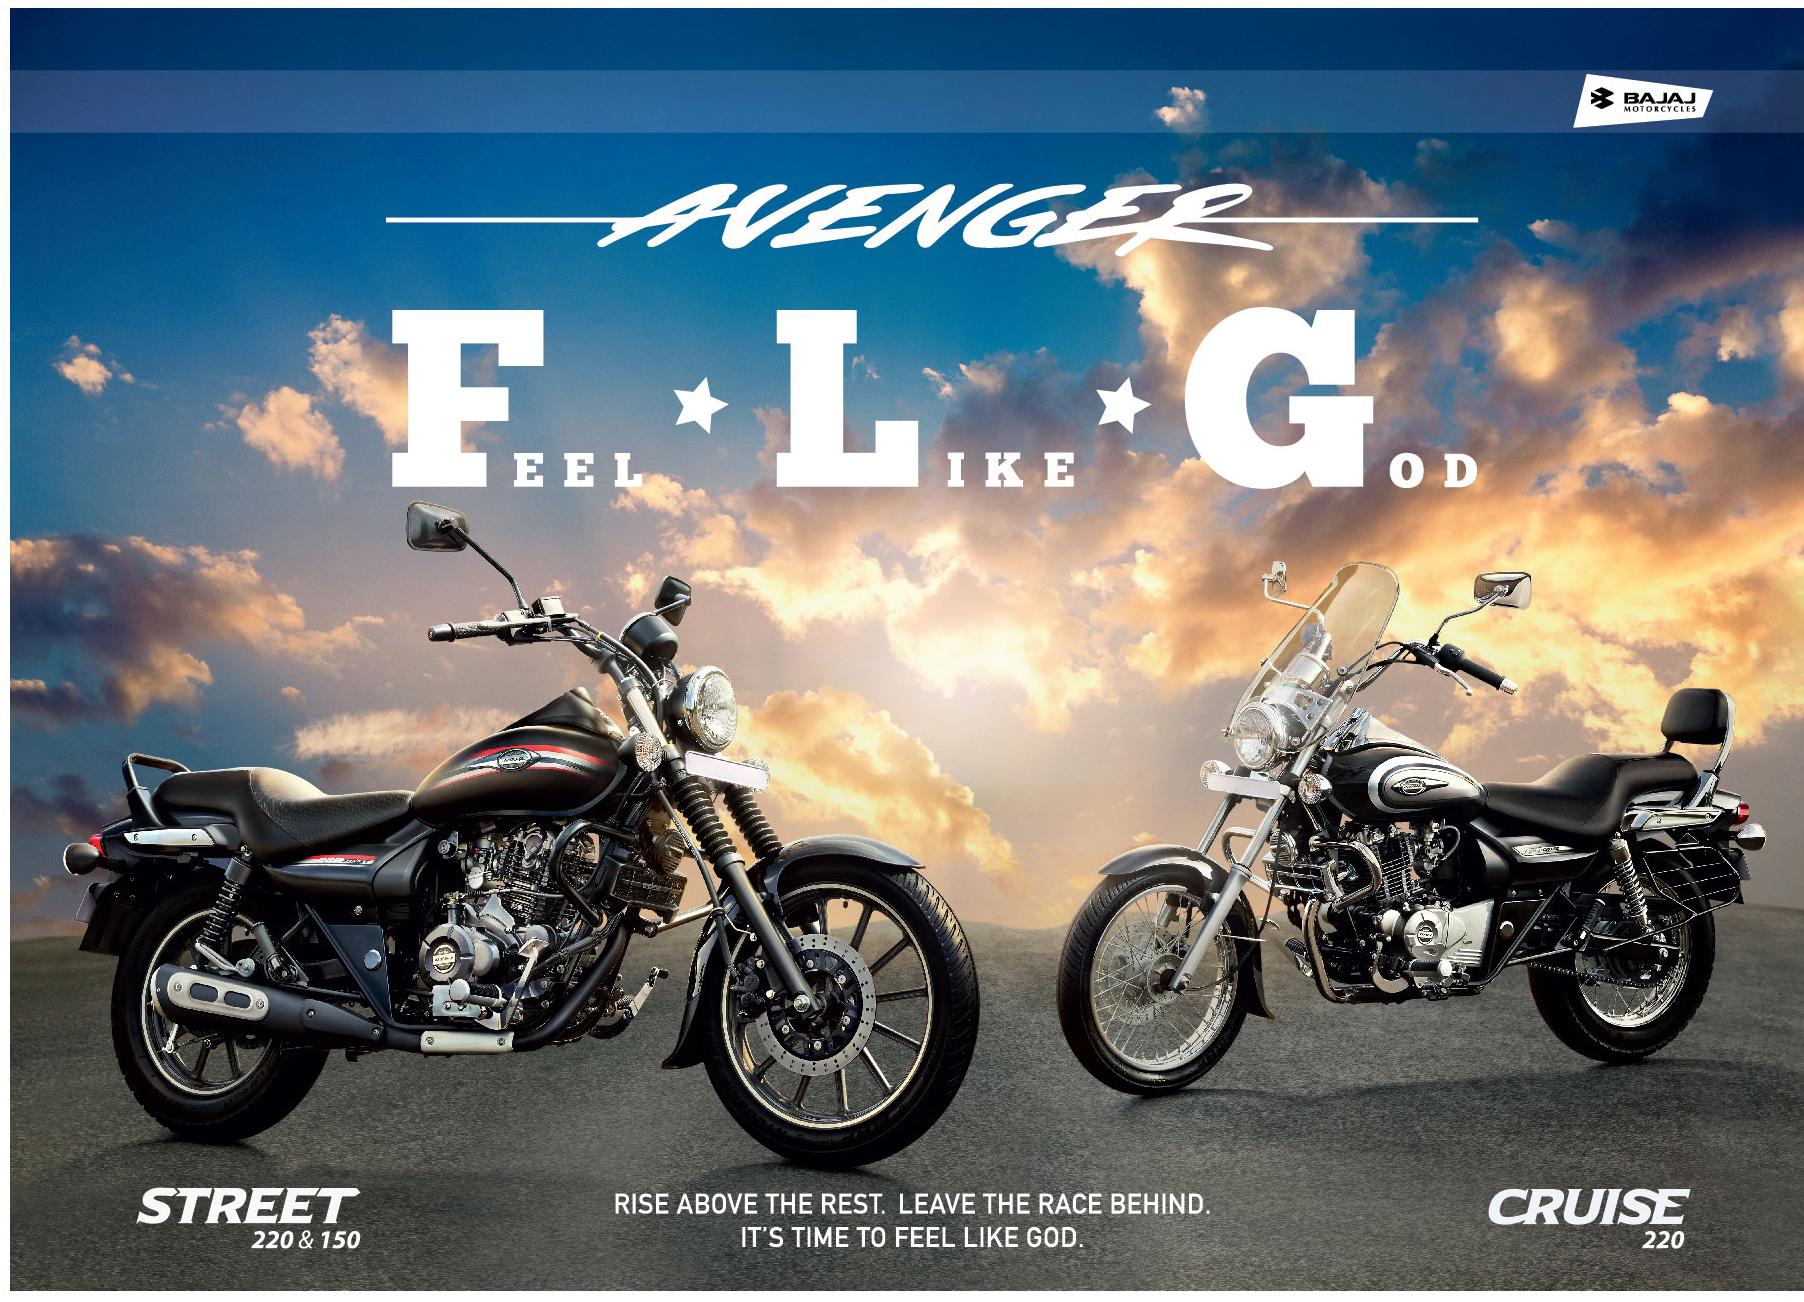 बजाजले एभेन्जर बाइक–२२० सहित अन्य दुई बाइक ल्यायो